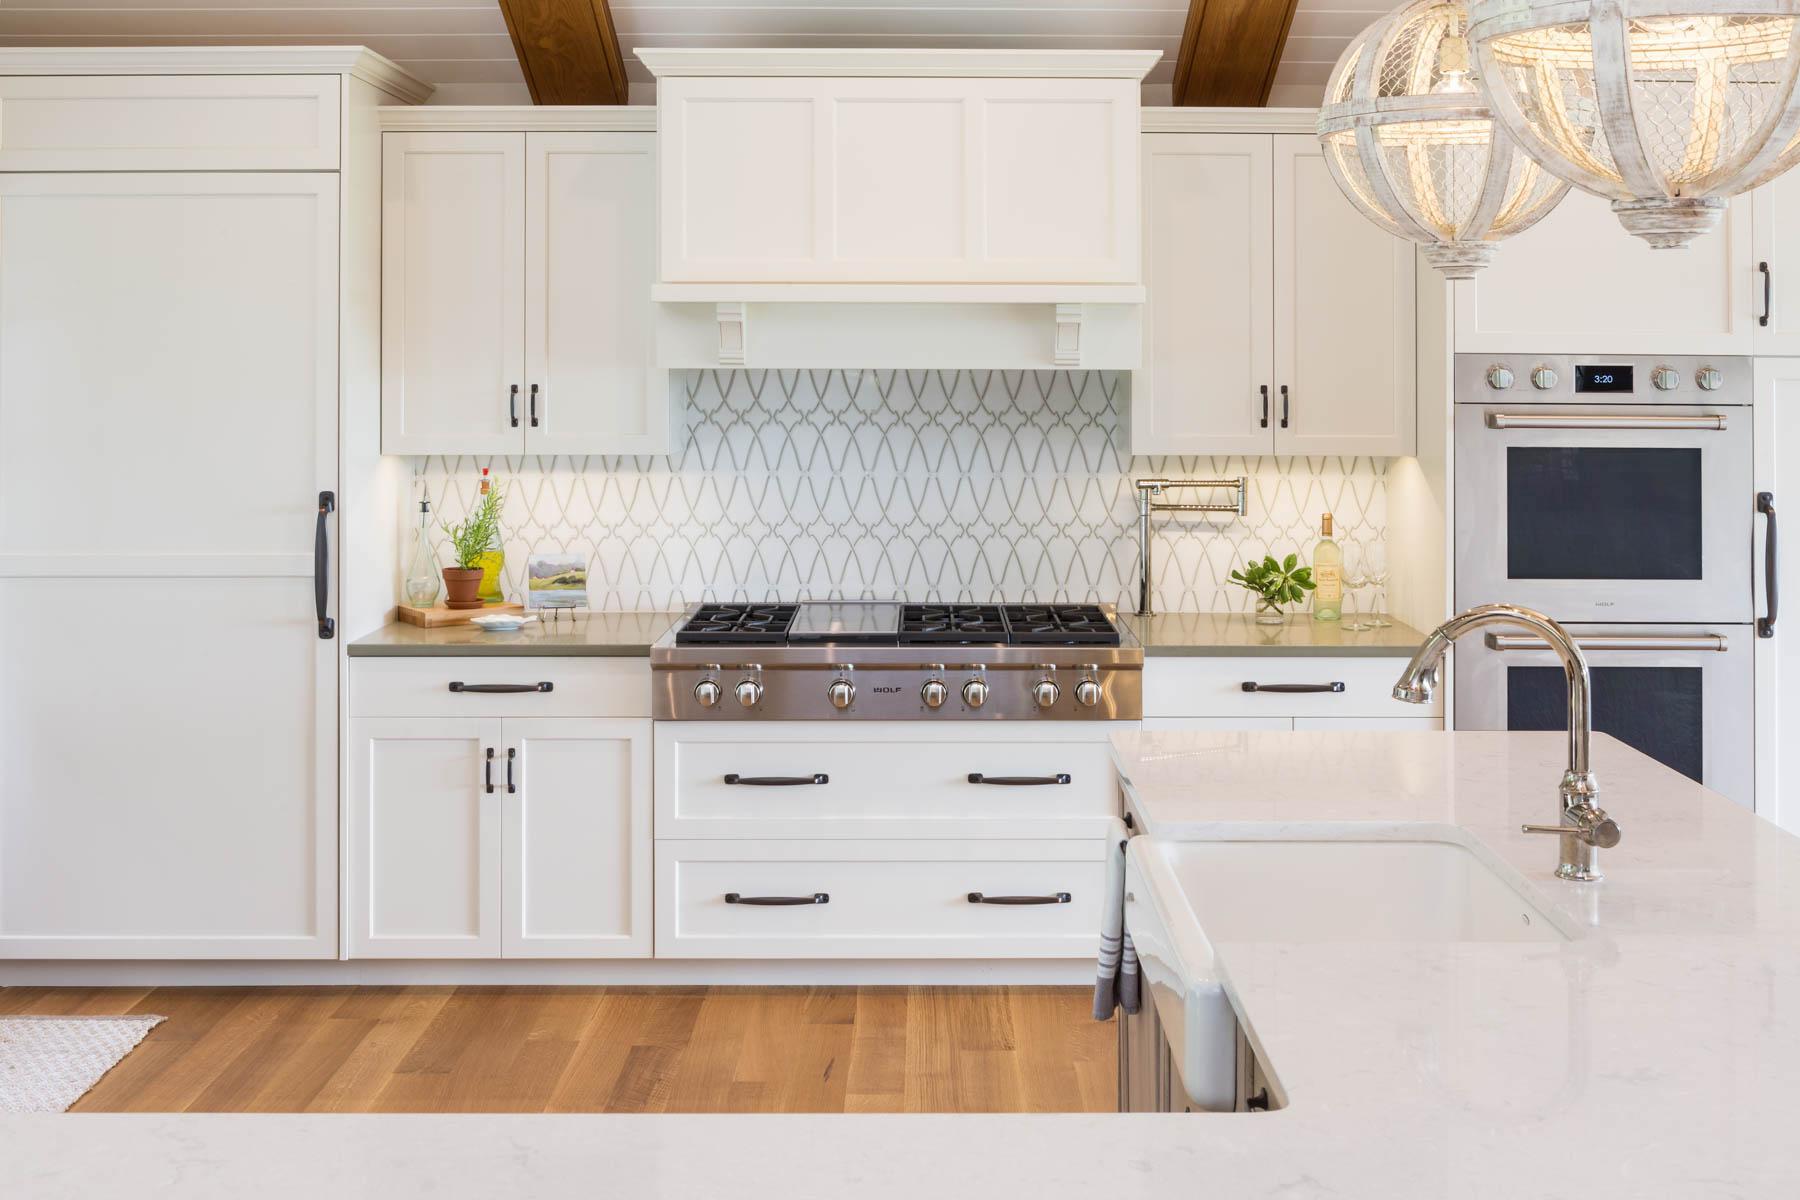 Amy Dutton Home Kitchen Interior